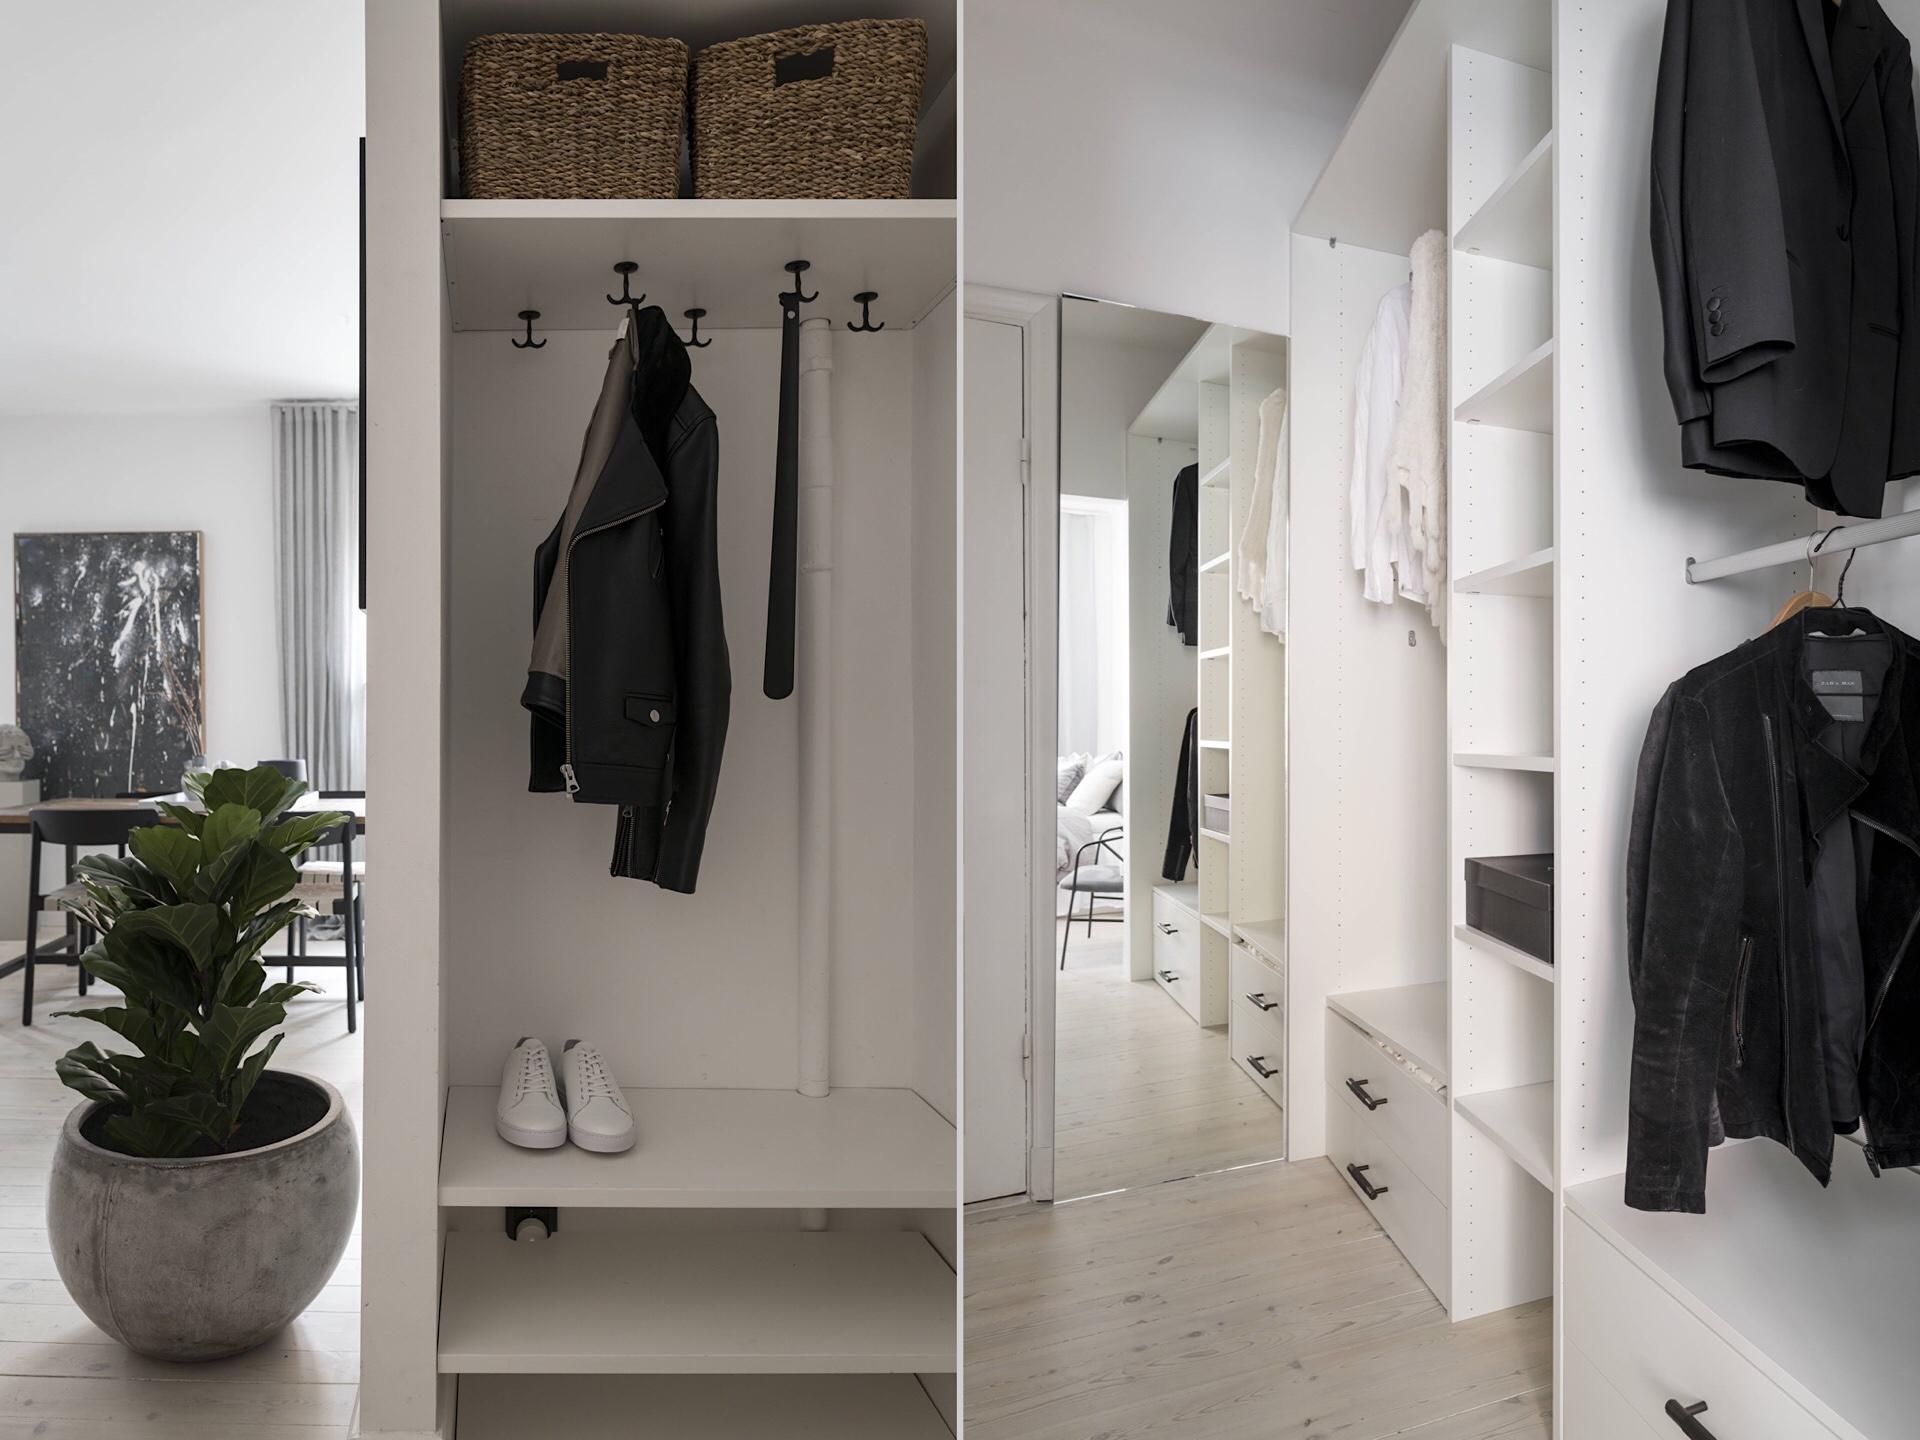 Uși de sticlă între living și dormitor într o garsonieră de 49 m² din Suedia 22